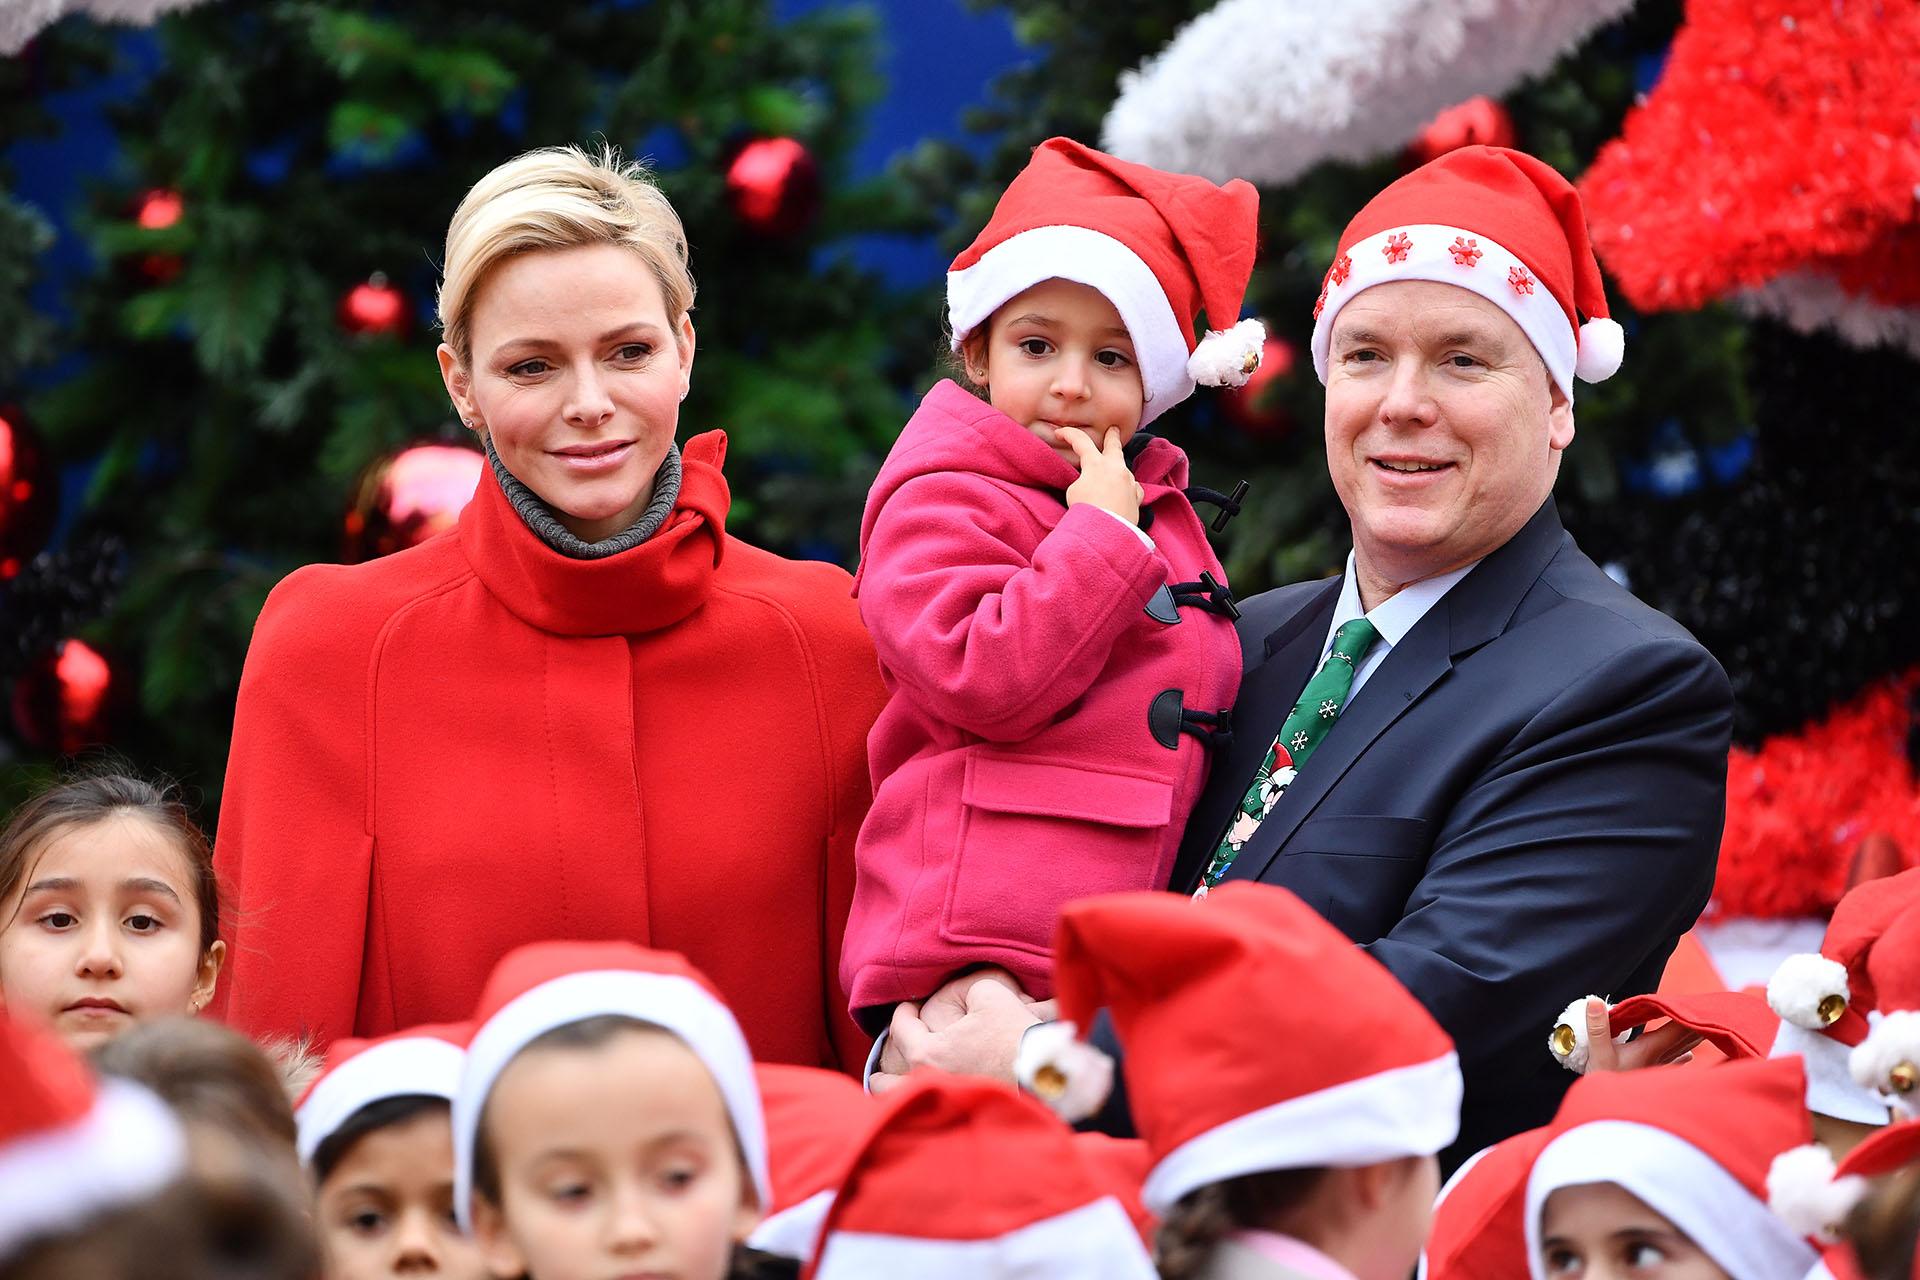 Como todos los años, Alberto y Charlene entregaron los regalos de Navidad a los niños del Principado